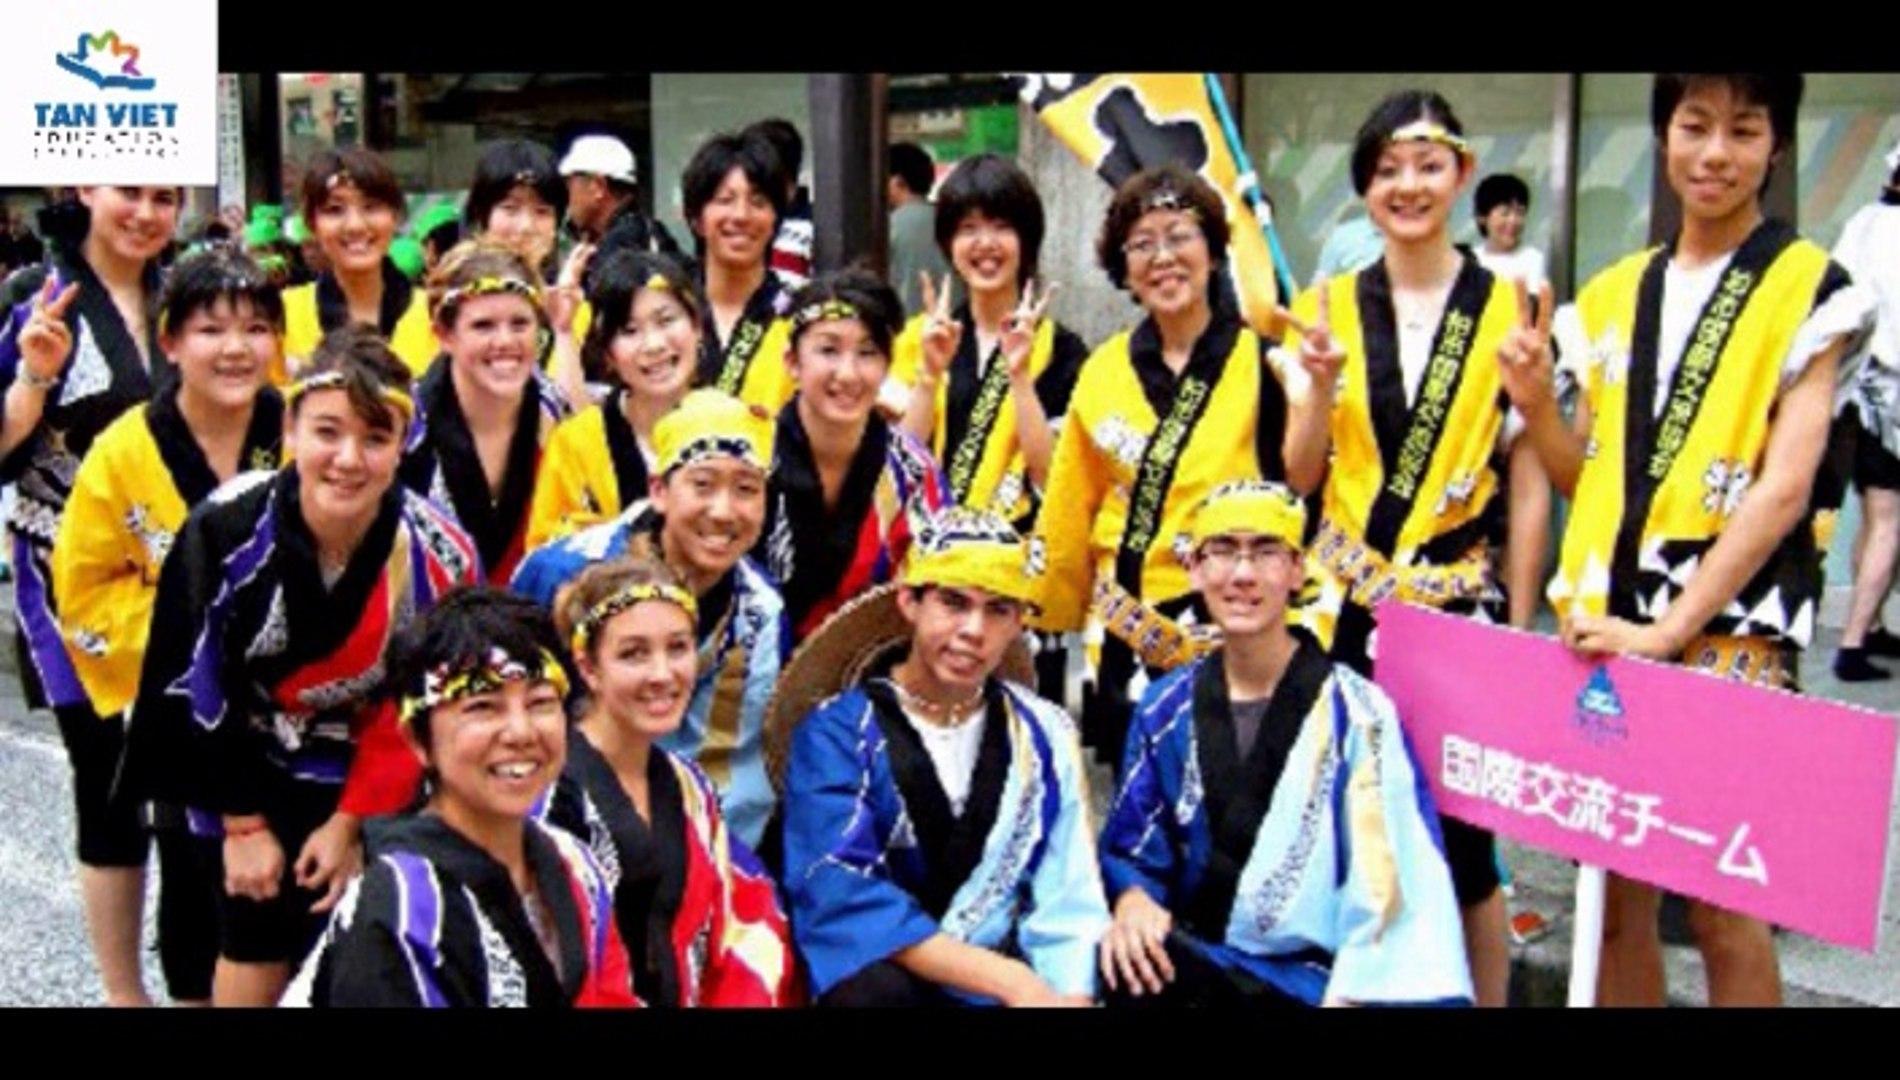 Các ngày lễ hội ở Nhật Bản, Các ngày nghỉ lễ tết ở Nhật Bản, Những ngày lễ trong năm của người Nhật